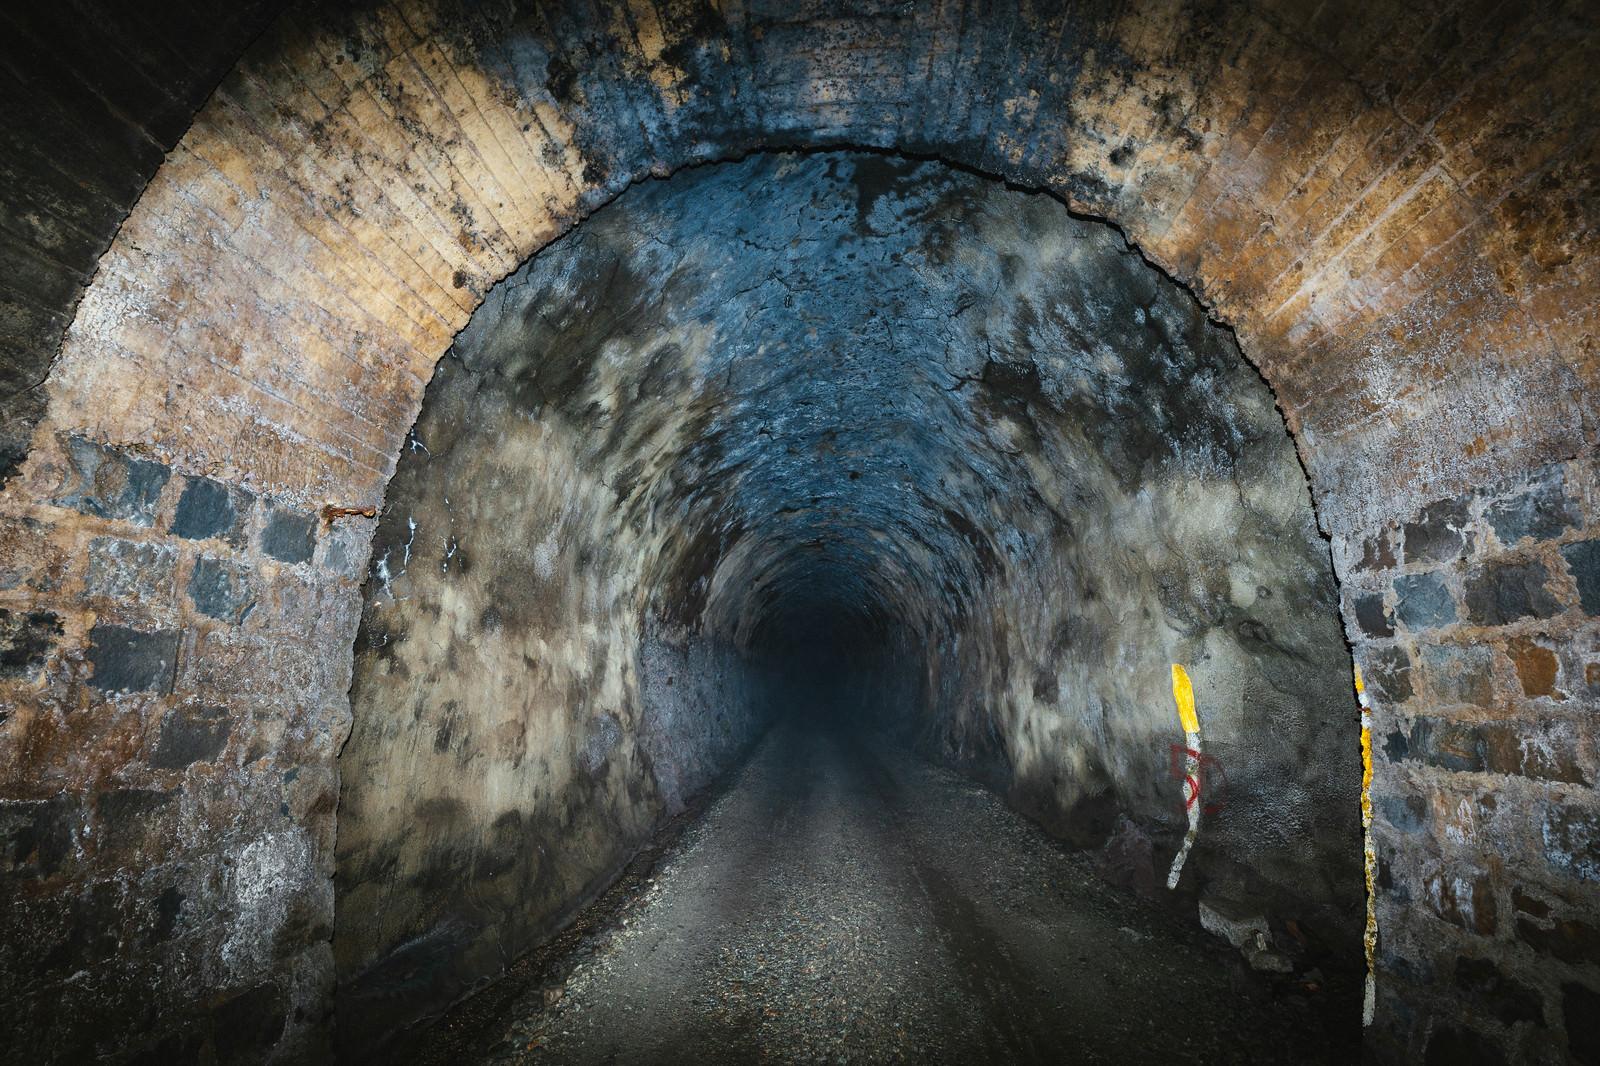 「奥深くまで続く暗いトンネル | 写真の無料素材・フリー素材 - ぱくたそ」の写真